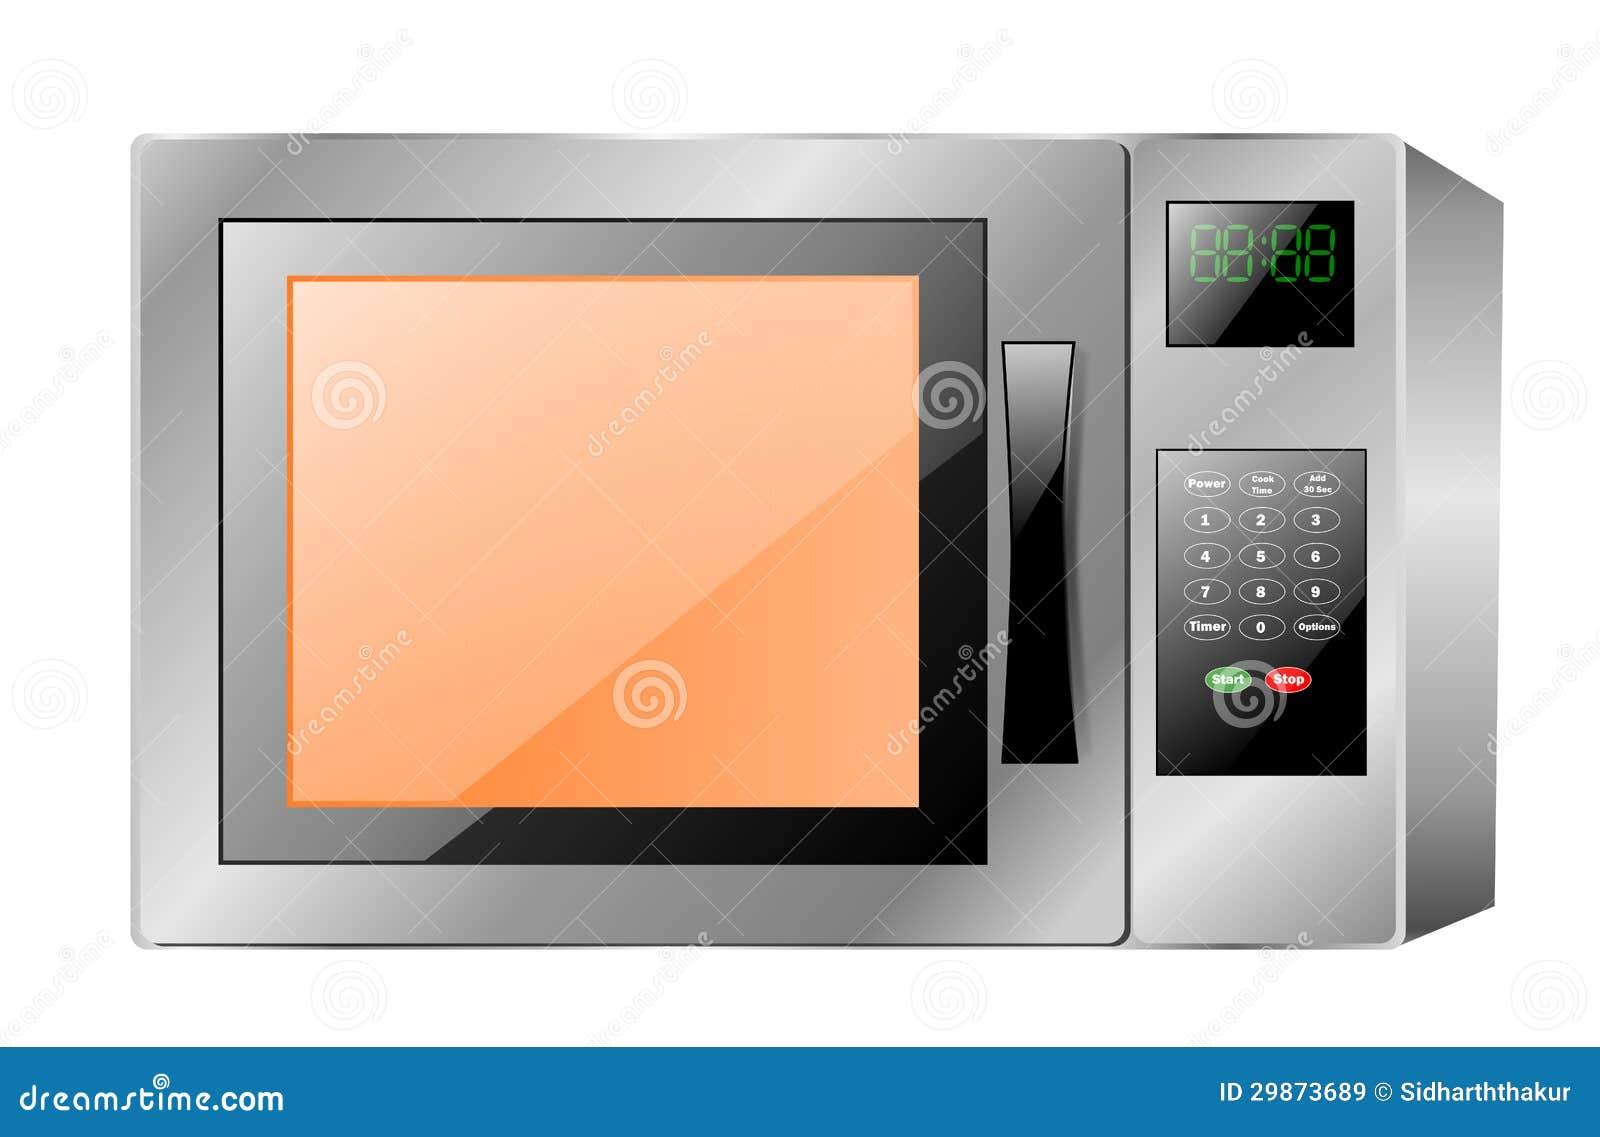 Horno de microondas stock de ilustraci n imagen de - Cocina con microondas ...